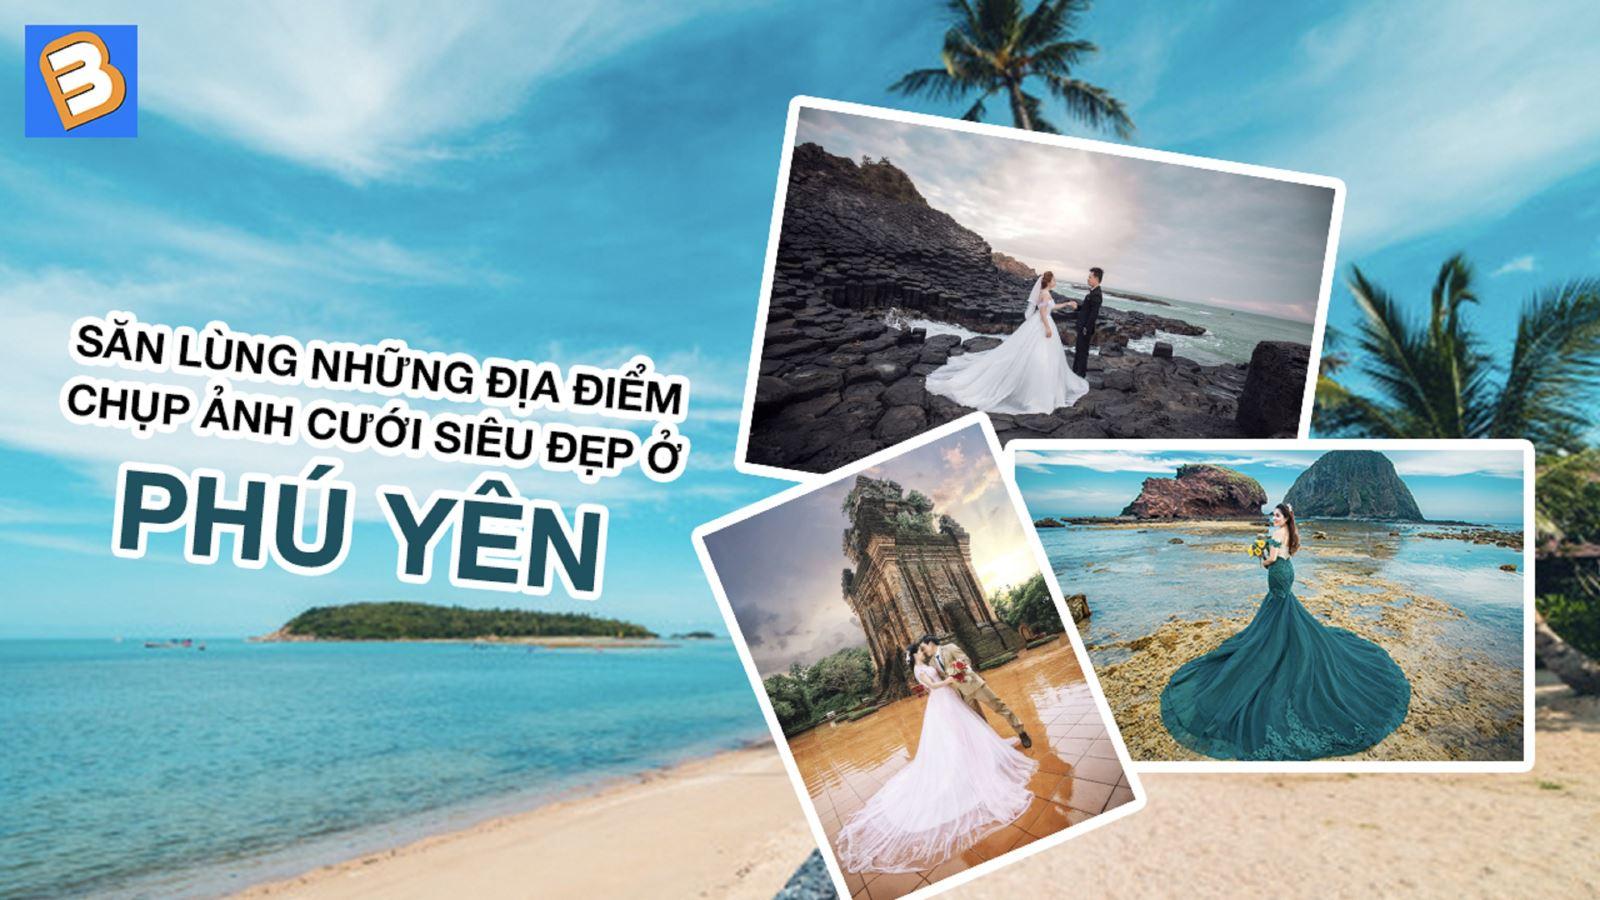 Săn lùng những địa điểm chụp ảnh cưới siêu đẹp ở Phú Yên